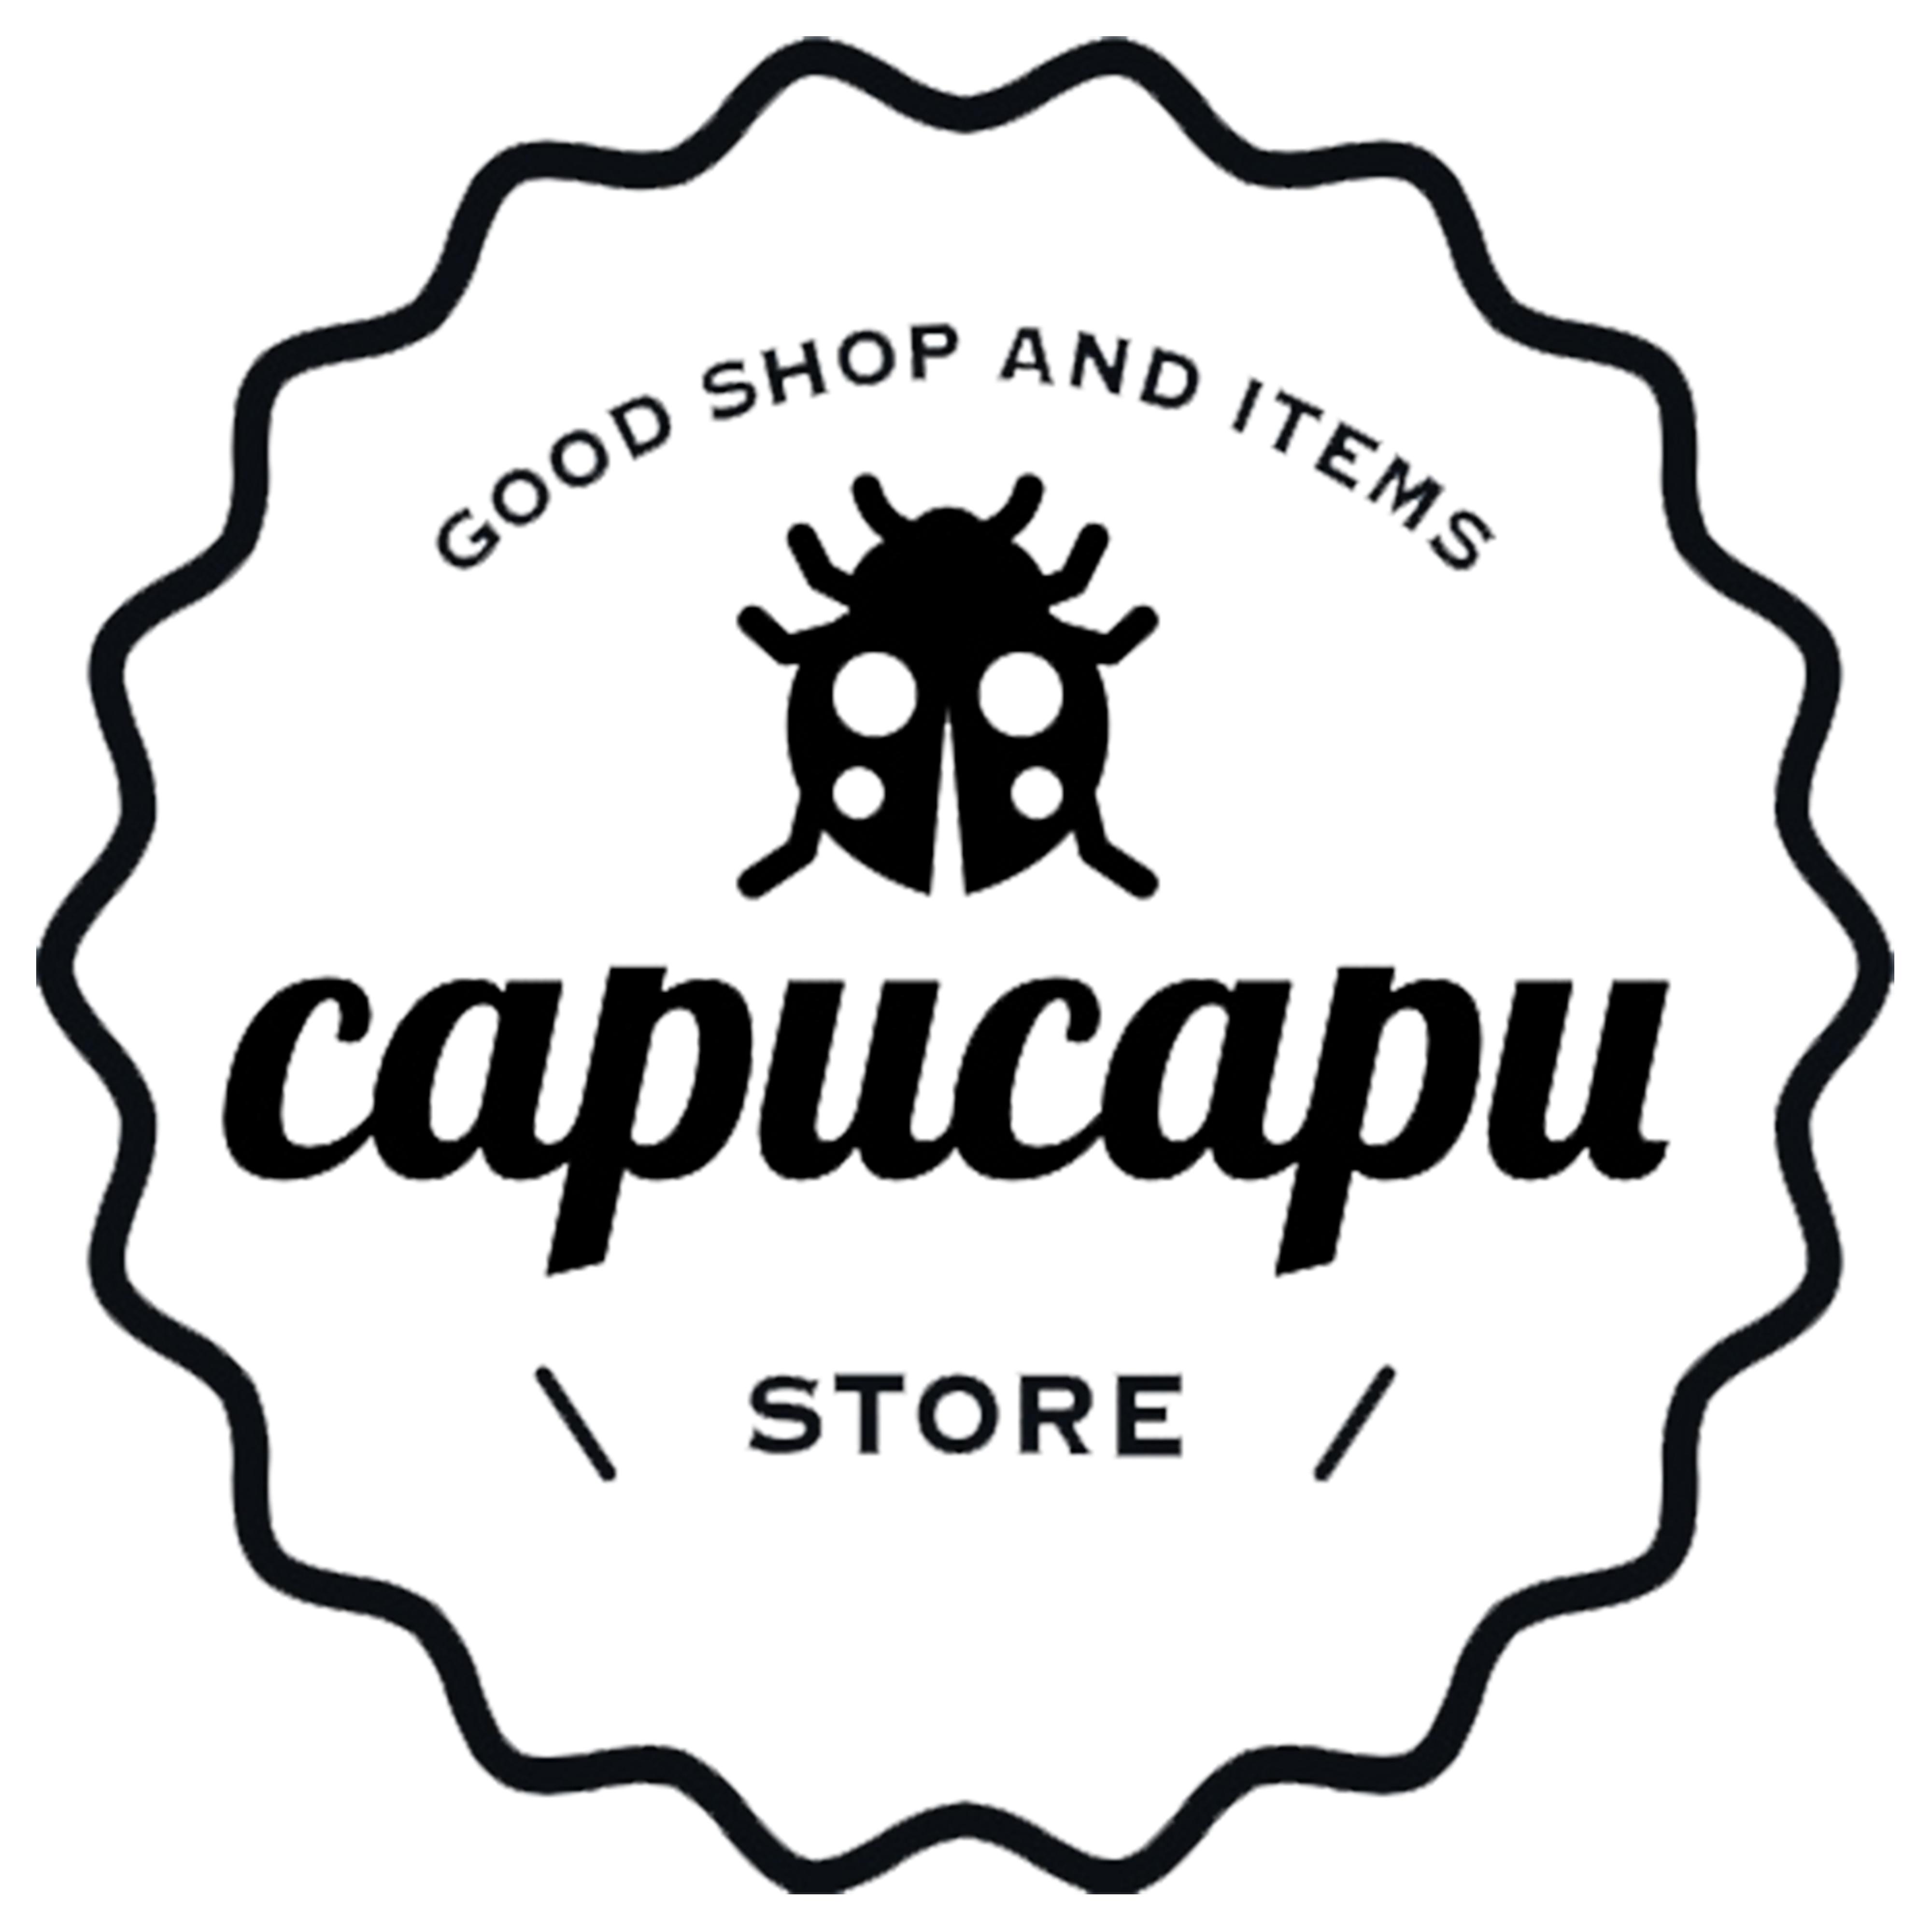 子ども服 capucapu